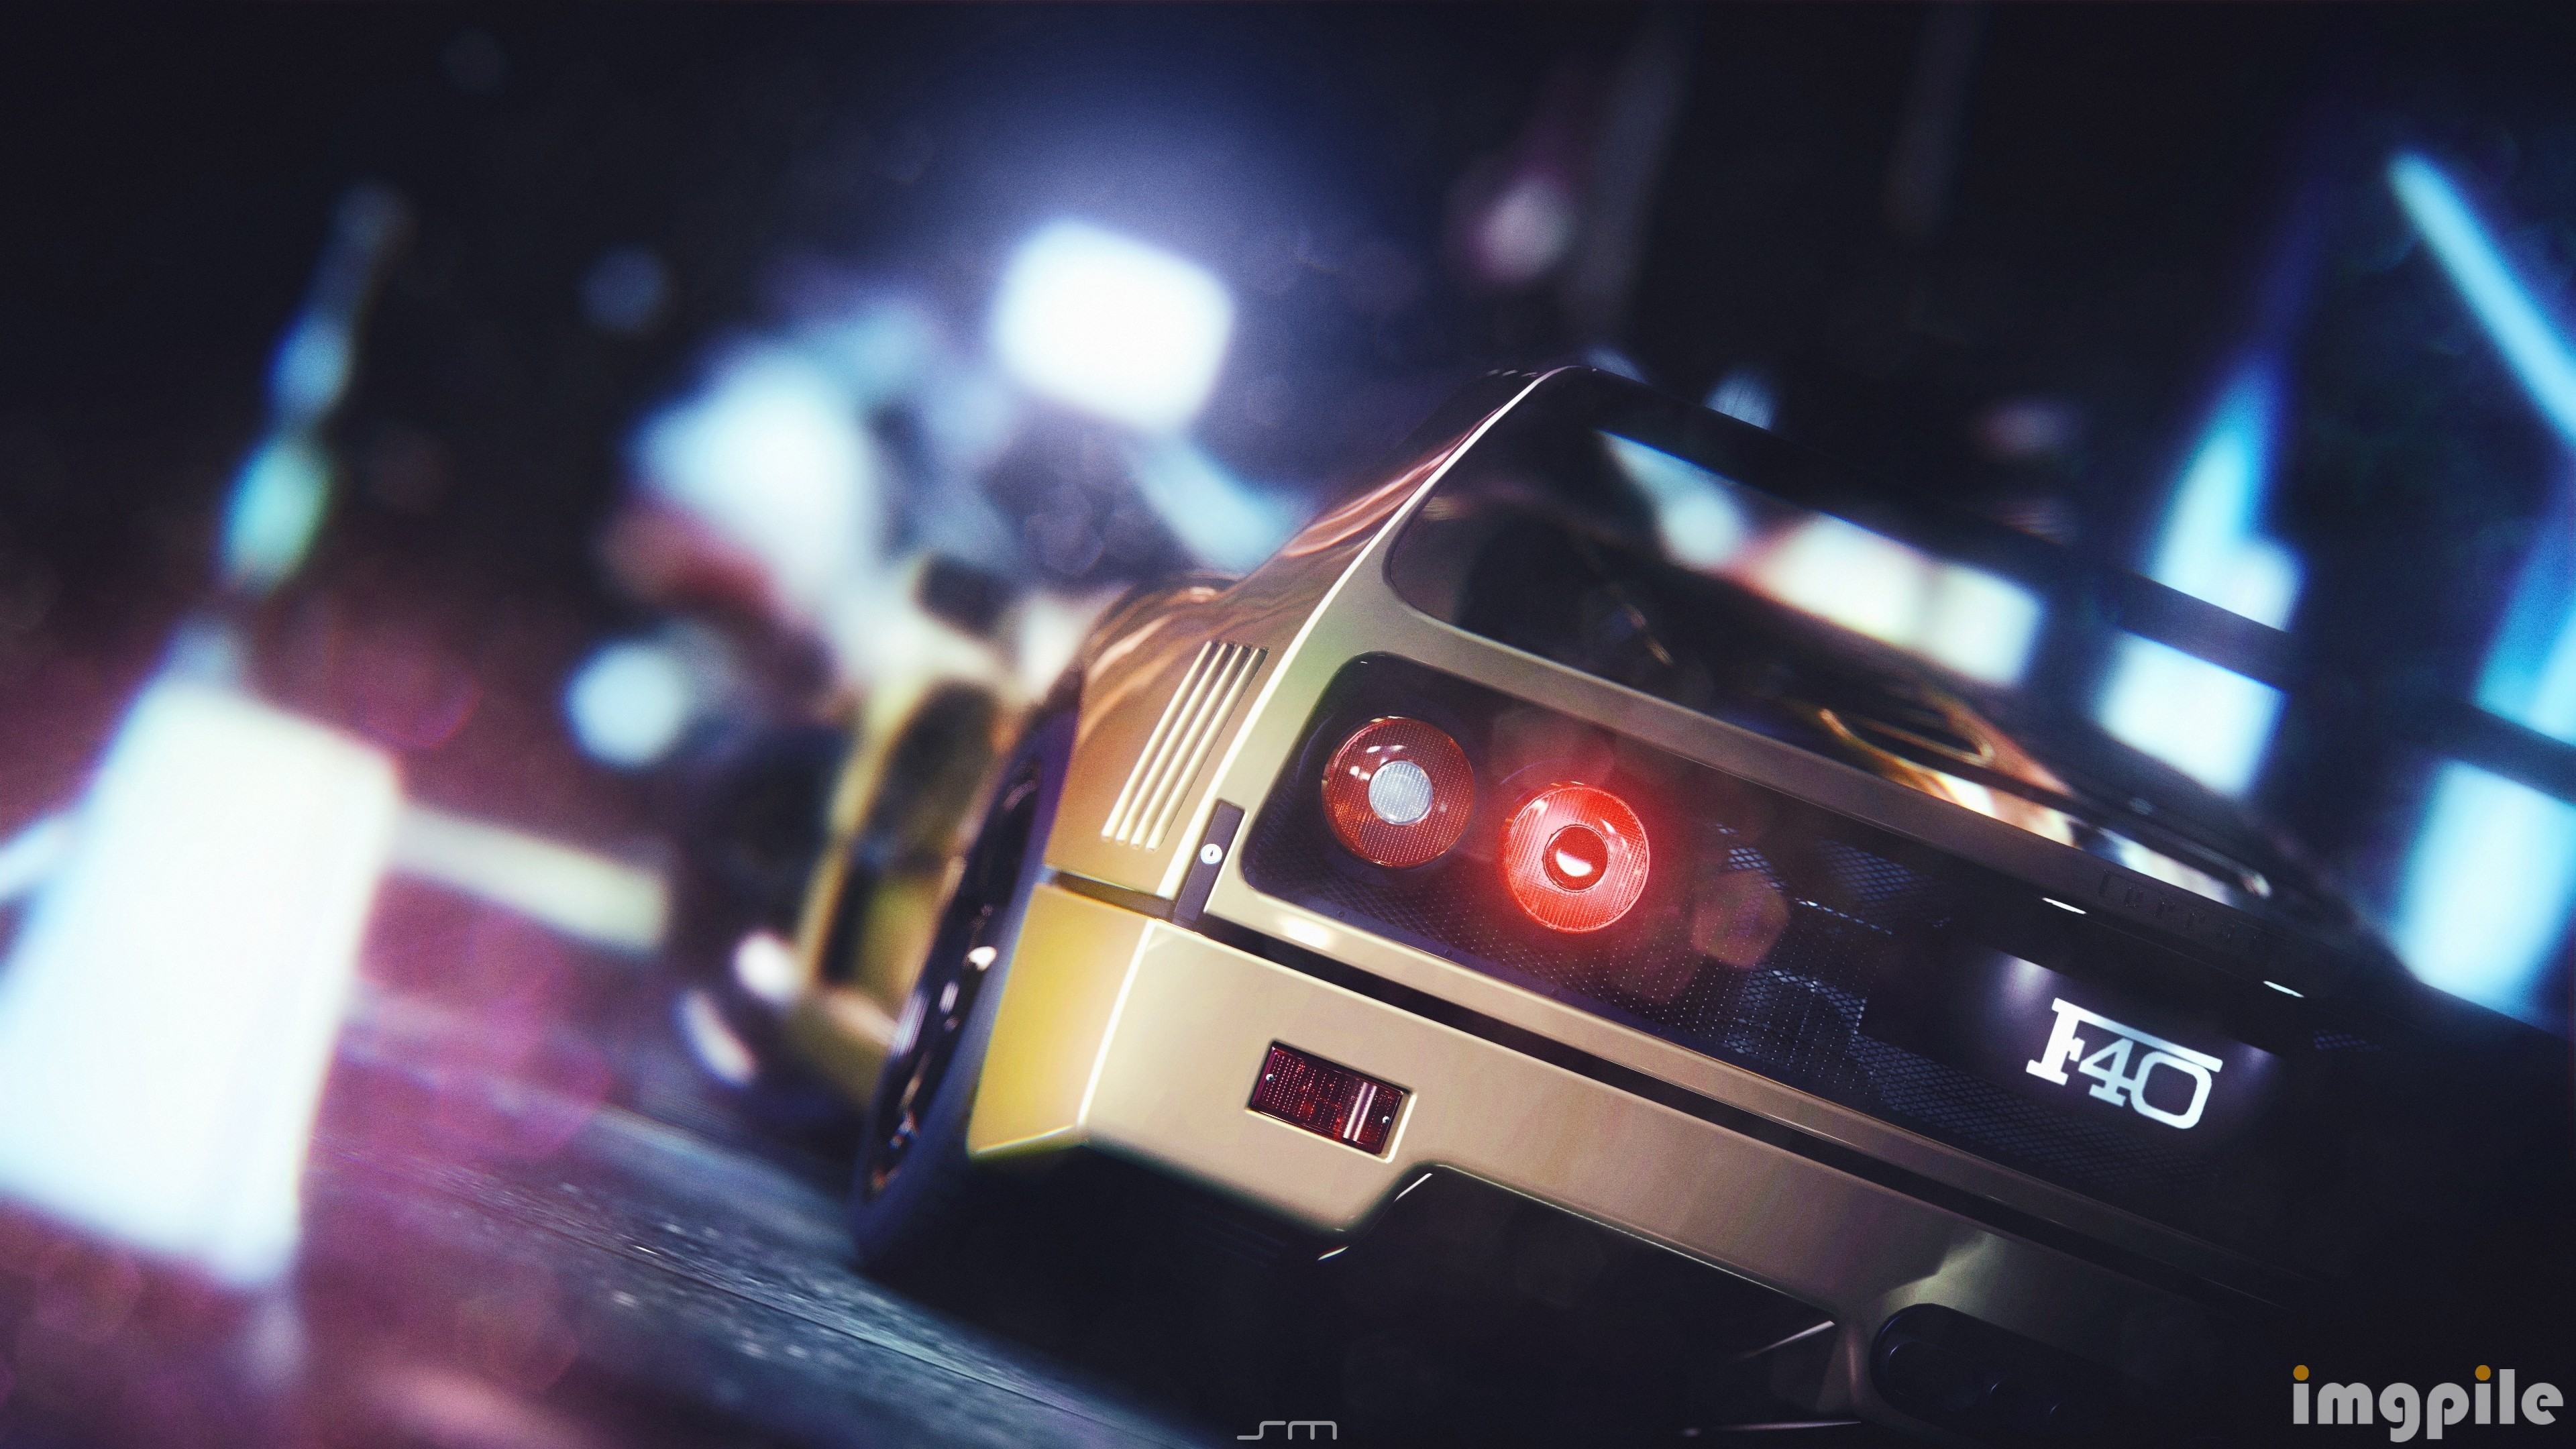 Night Cars Ferrari F40 Races 3840x2160 Wallpaper Wallpaper Hd